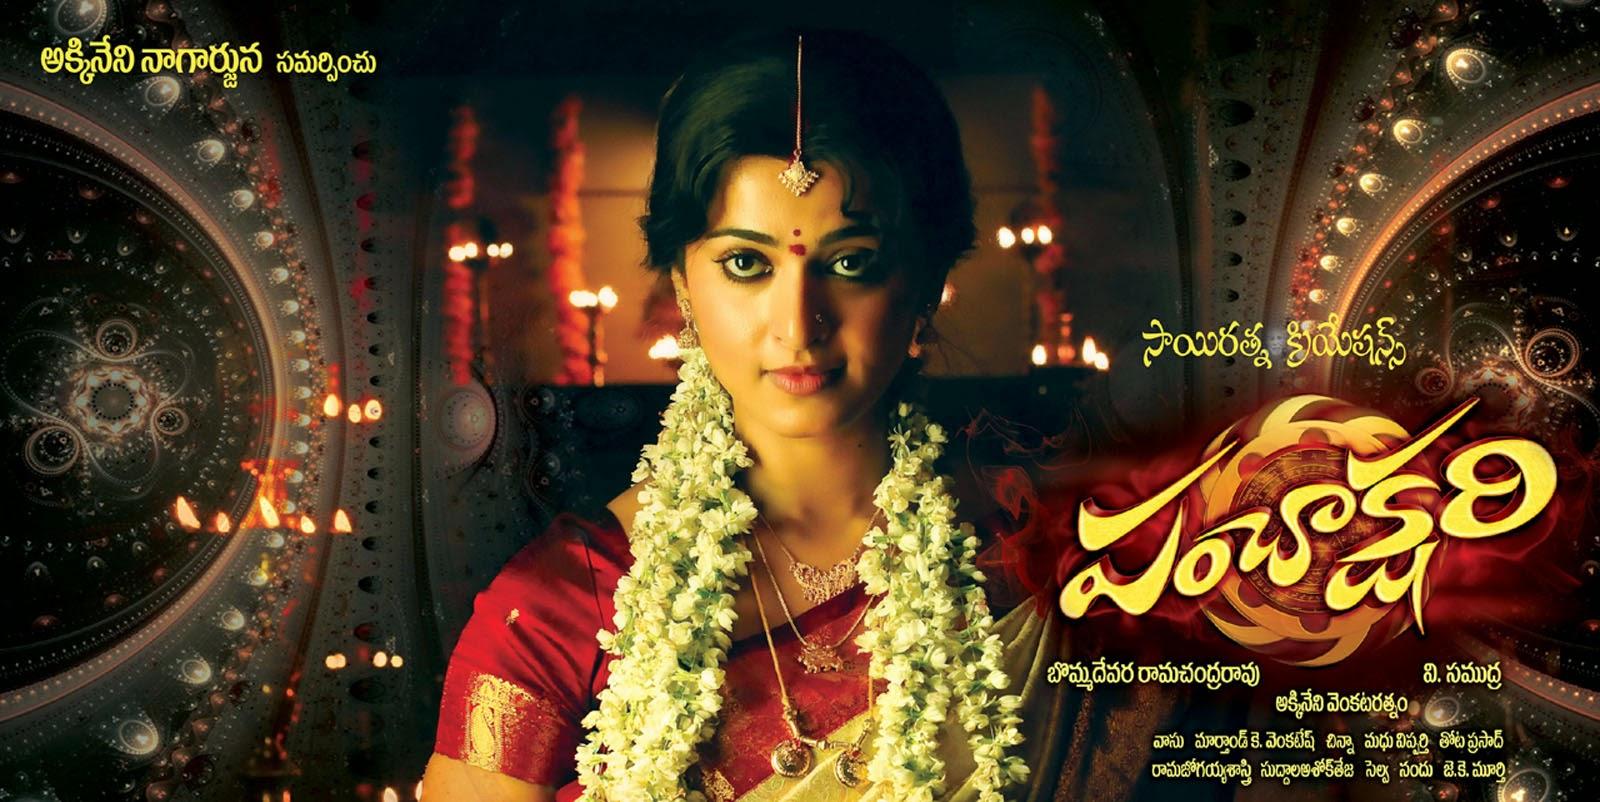 Telugu Movie Panchakshari 2010 Online Live - Anushka Shetty Movies